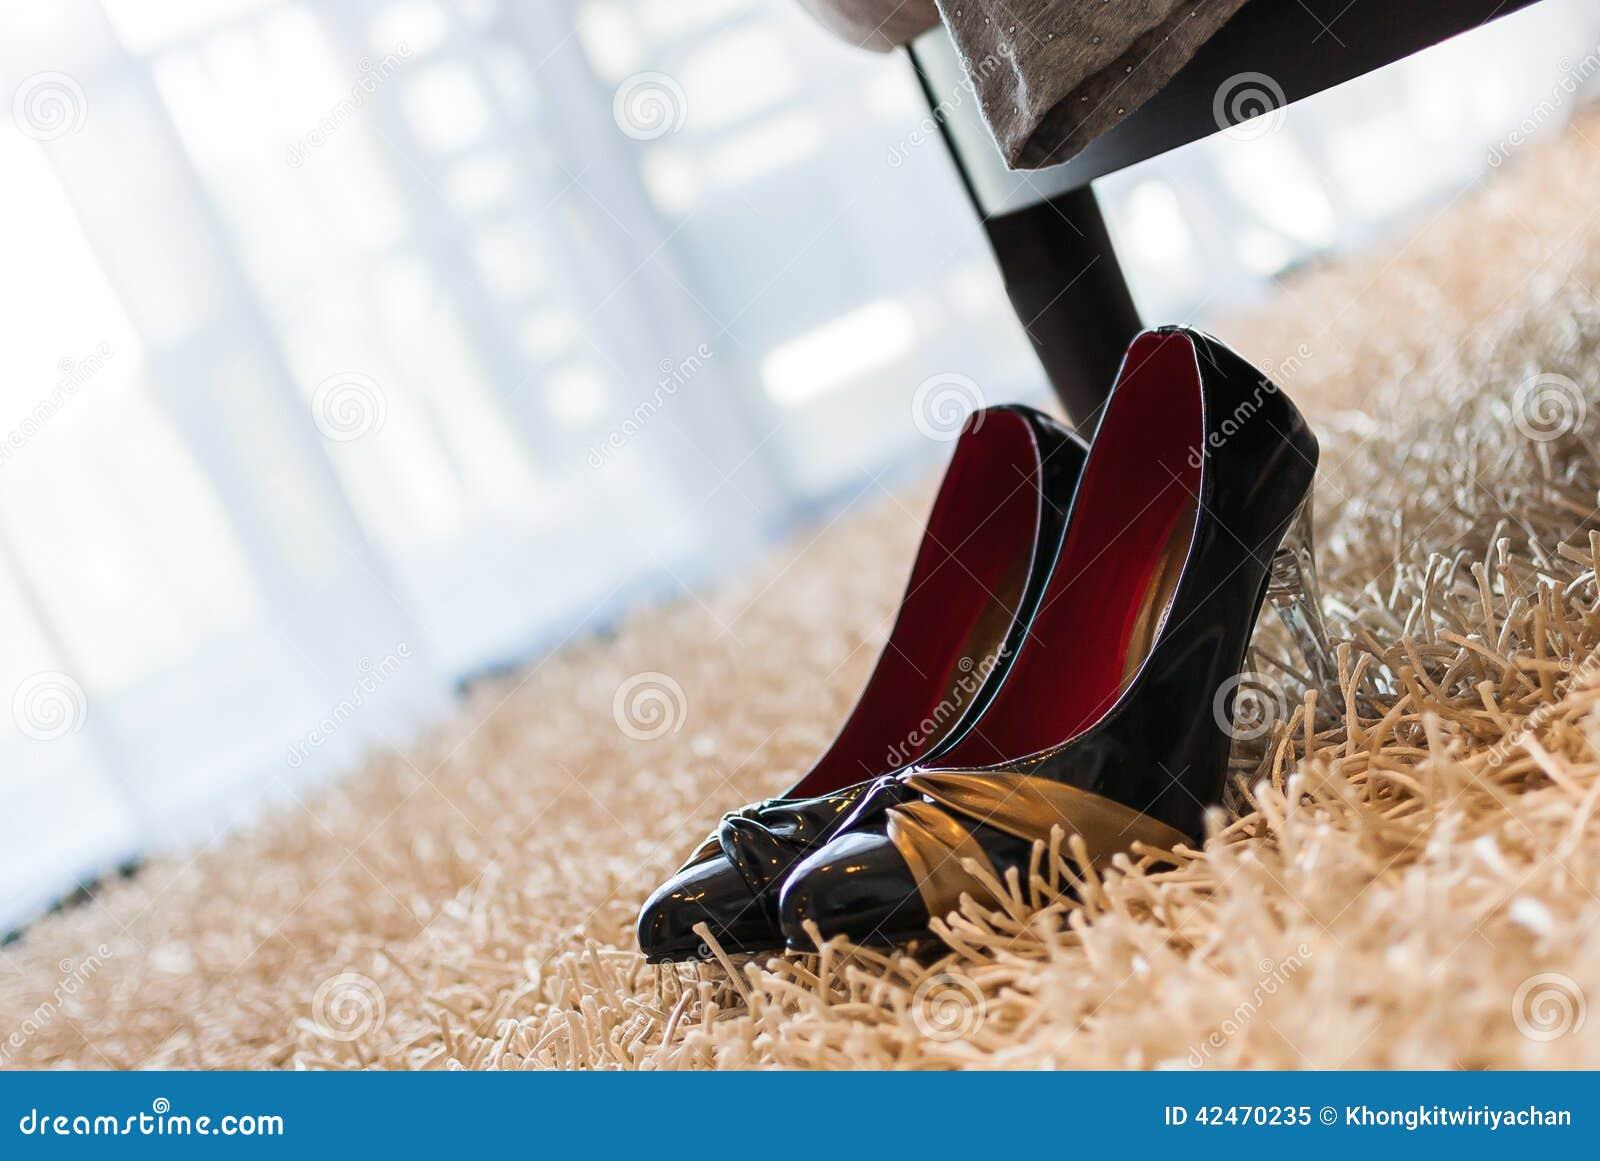 Stöckelschuh auf Teppich